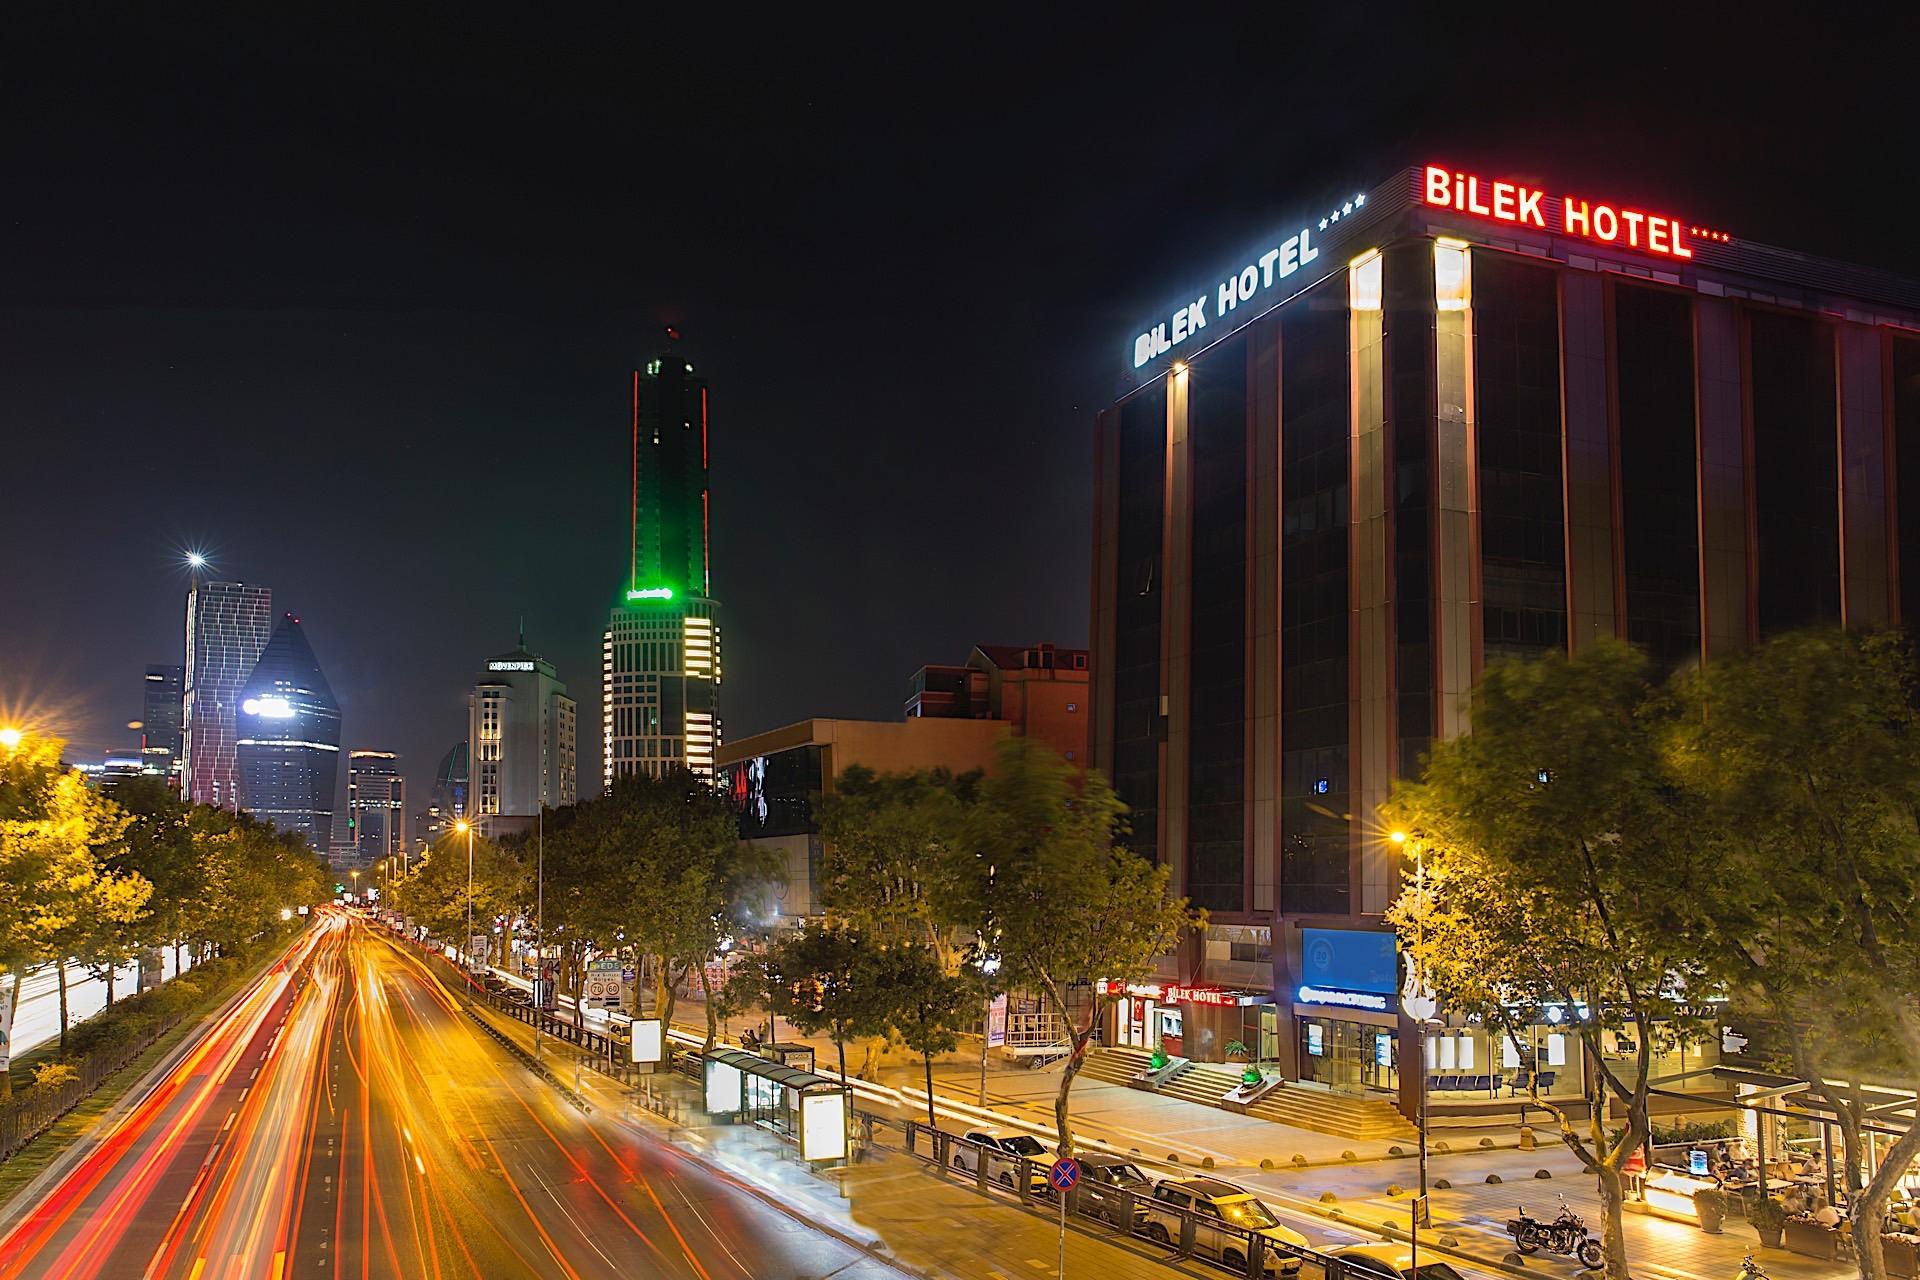 Bilek Hotel Istanbul